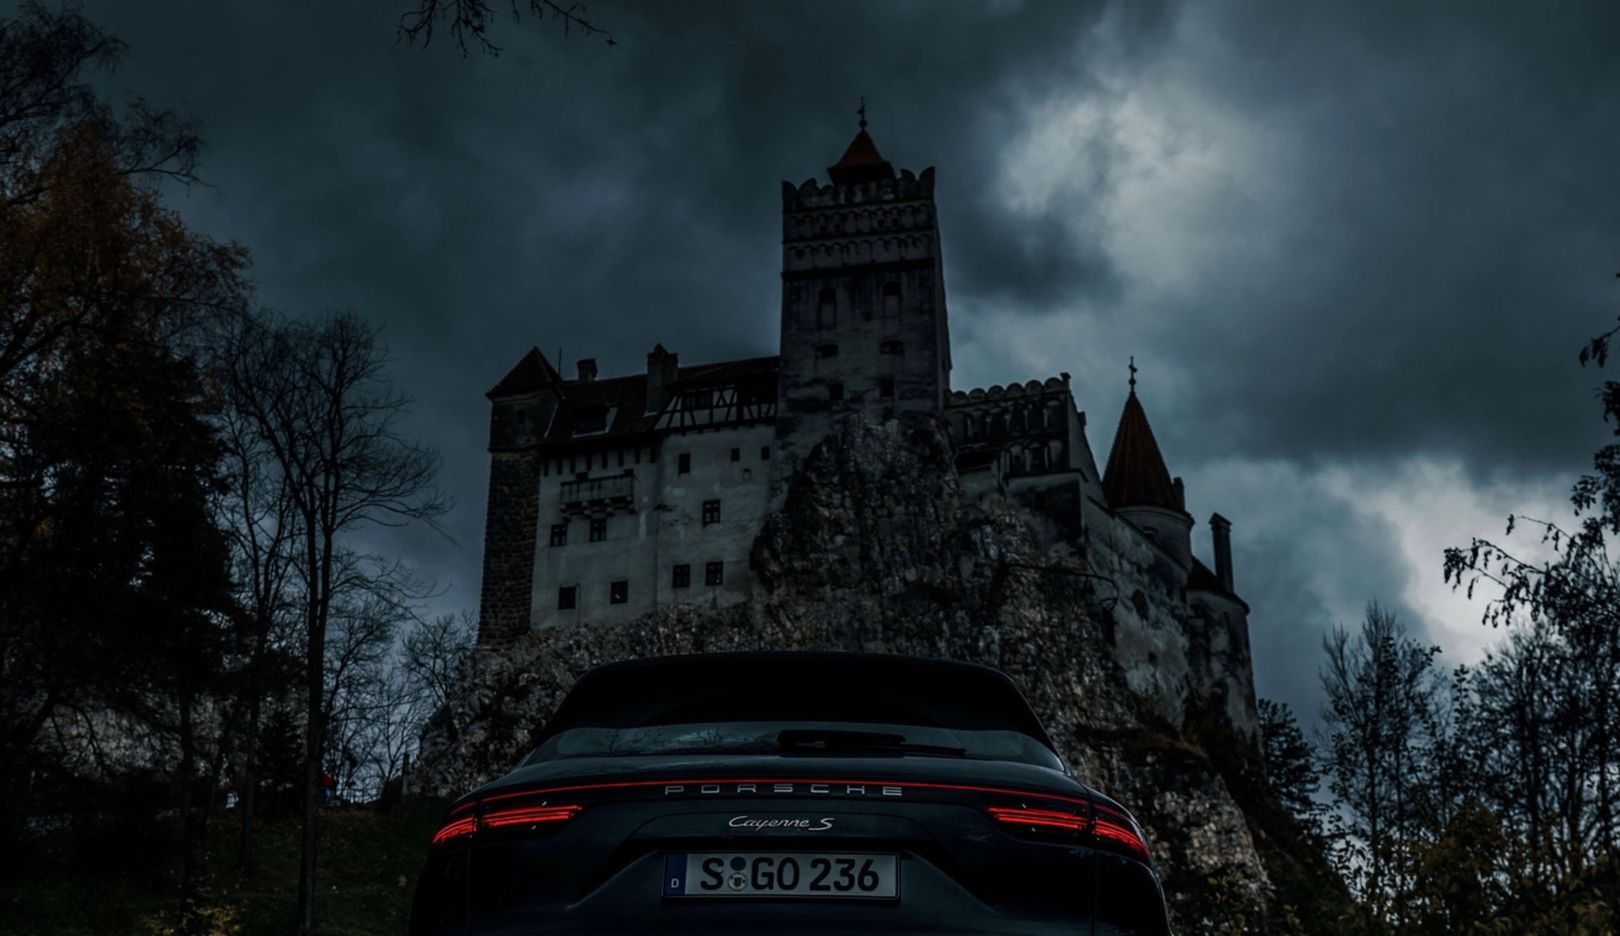 Sebastian Canaves, Cayenne S, Bran, Transylvania, 2018, Porsche AG